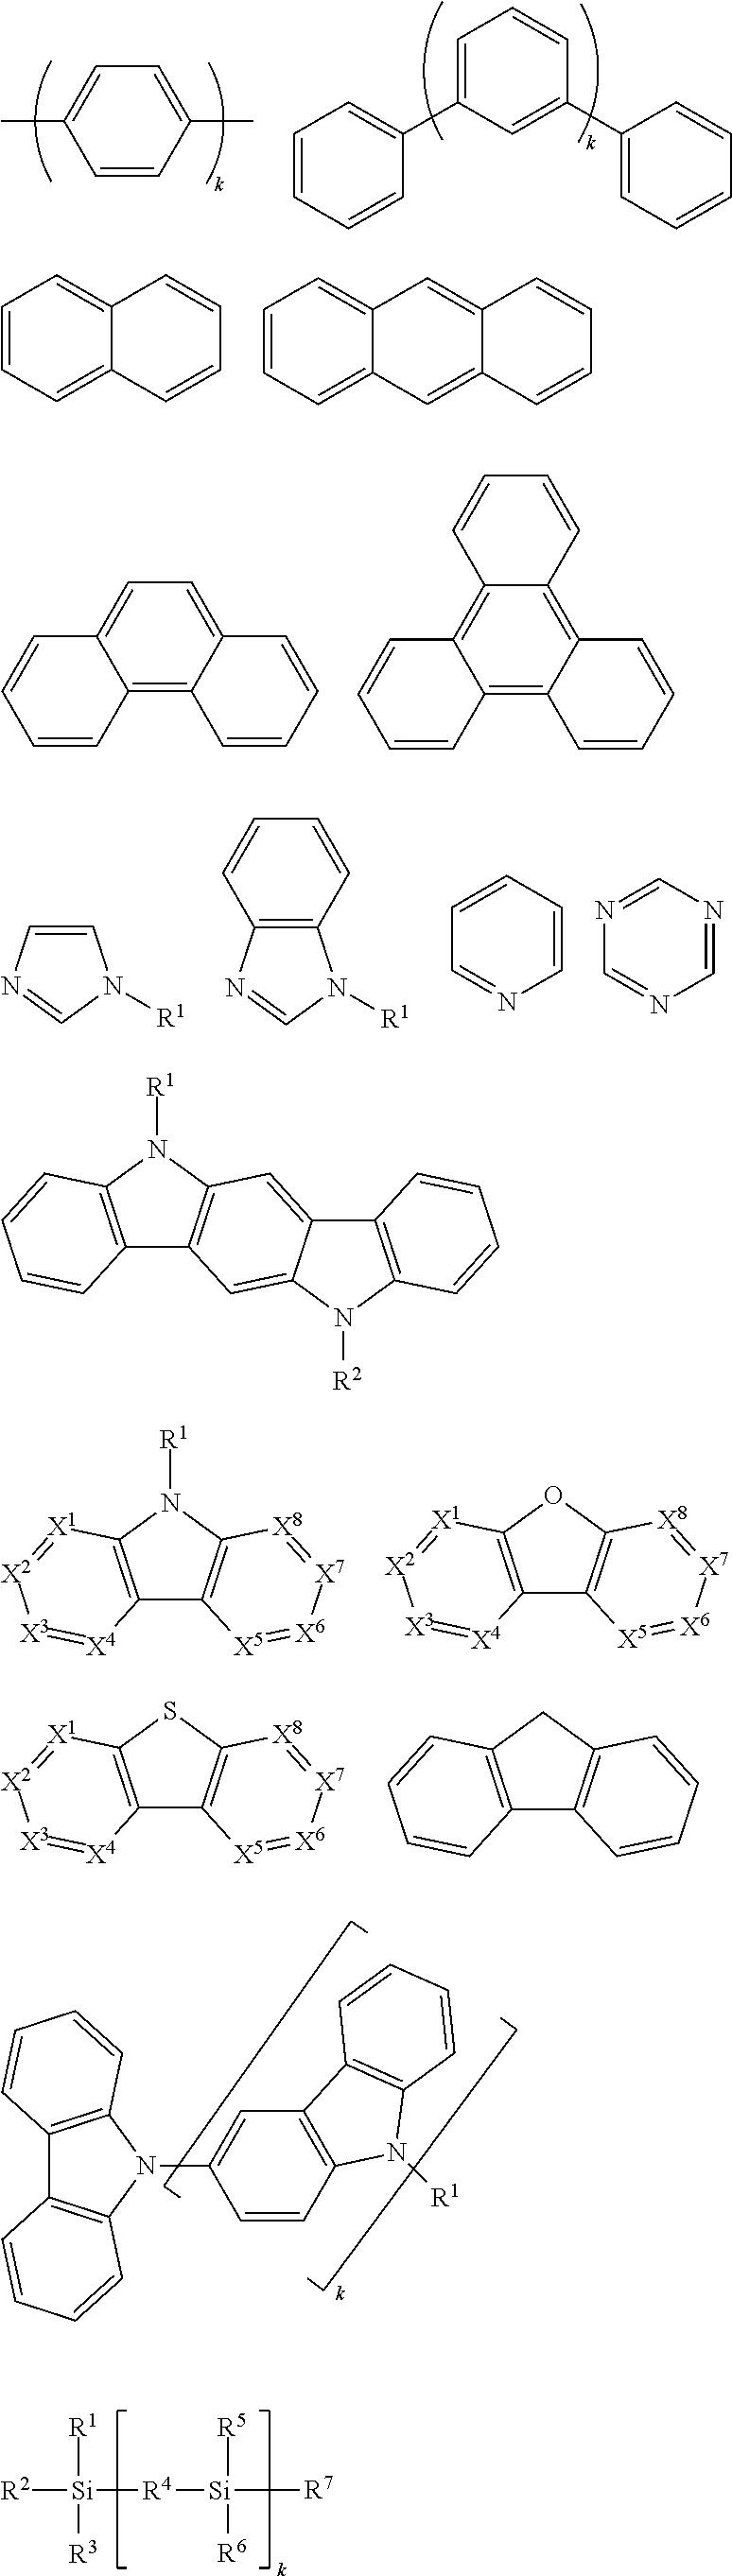 Figure US08580399-20131112-C00036